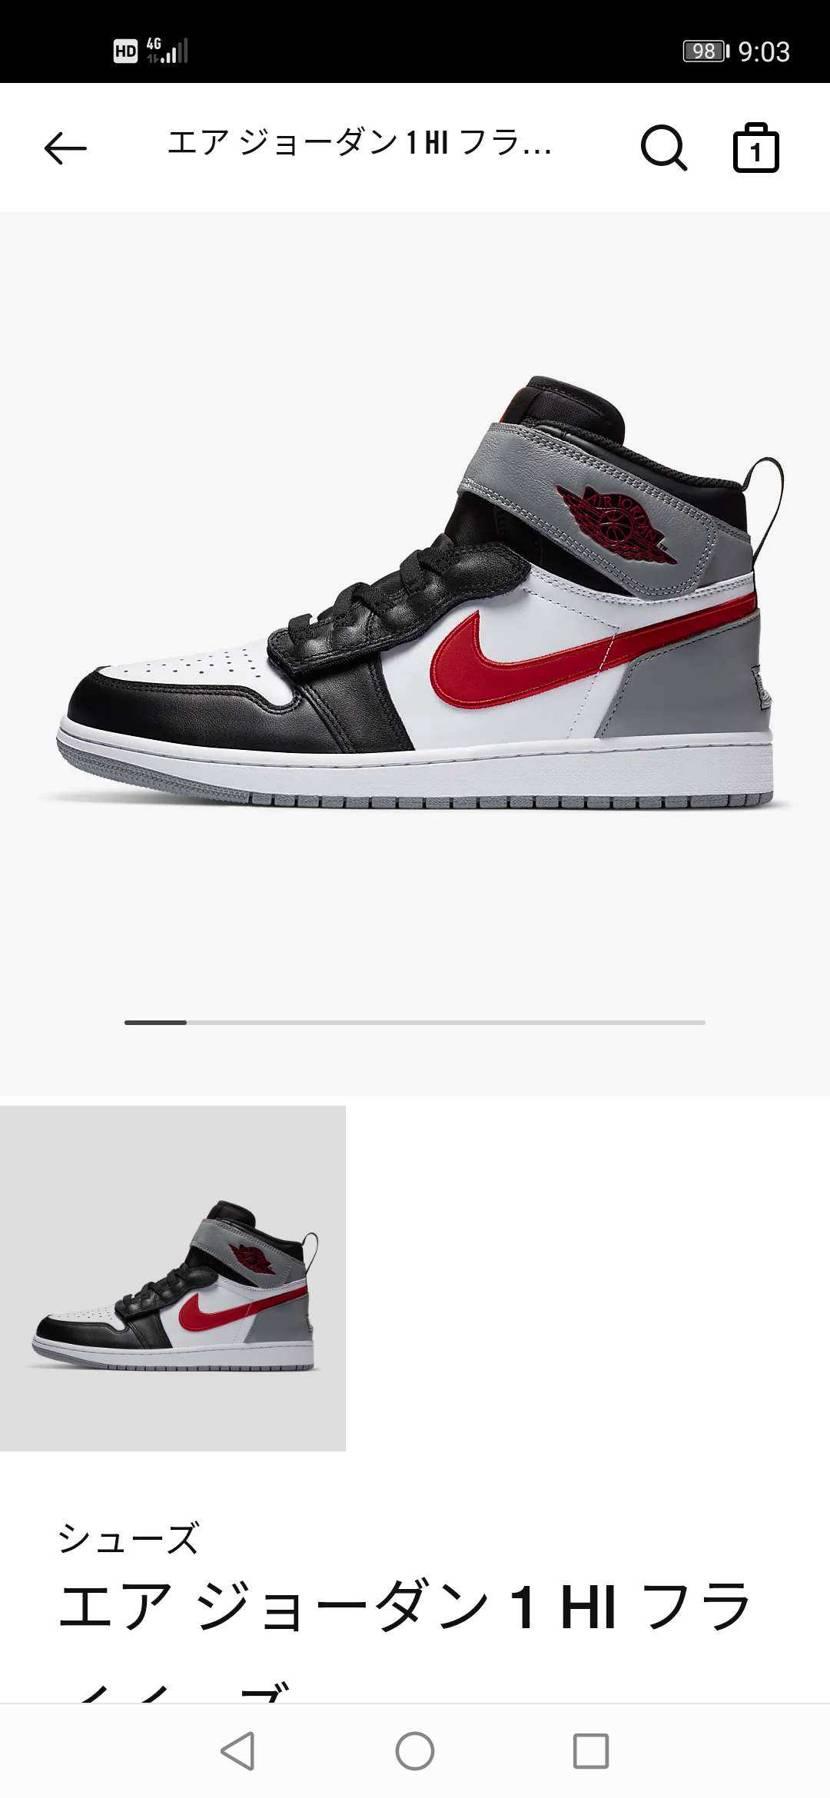 Nike.comあります